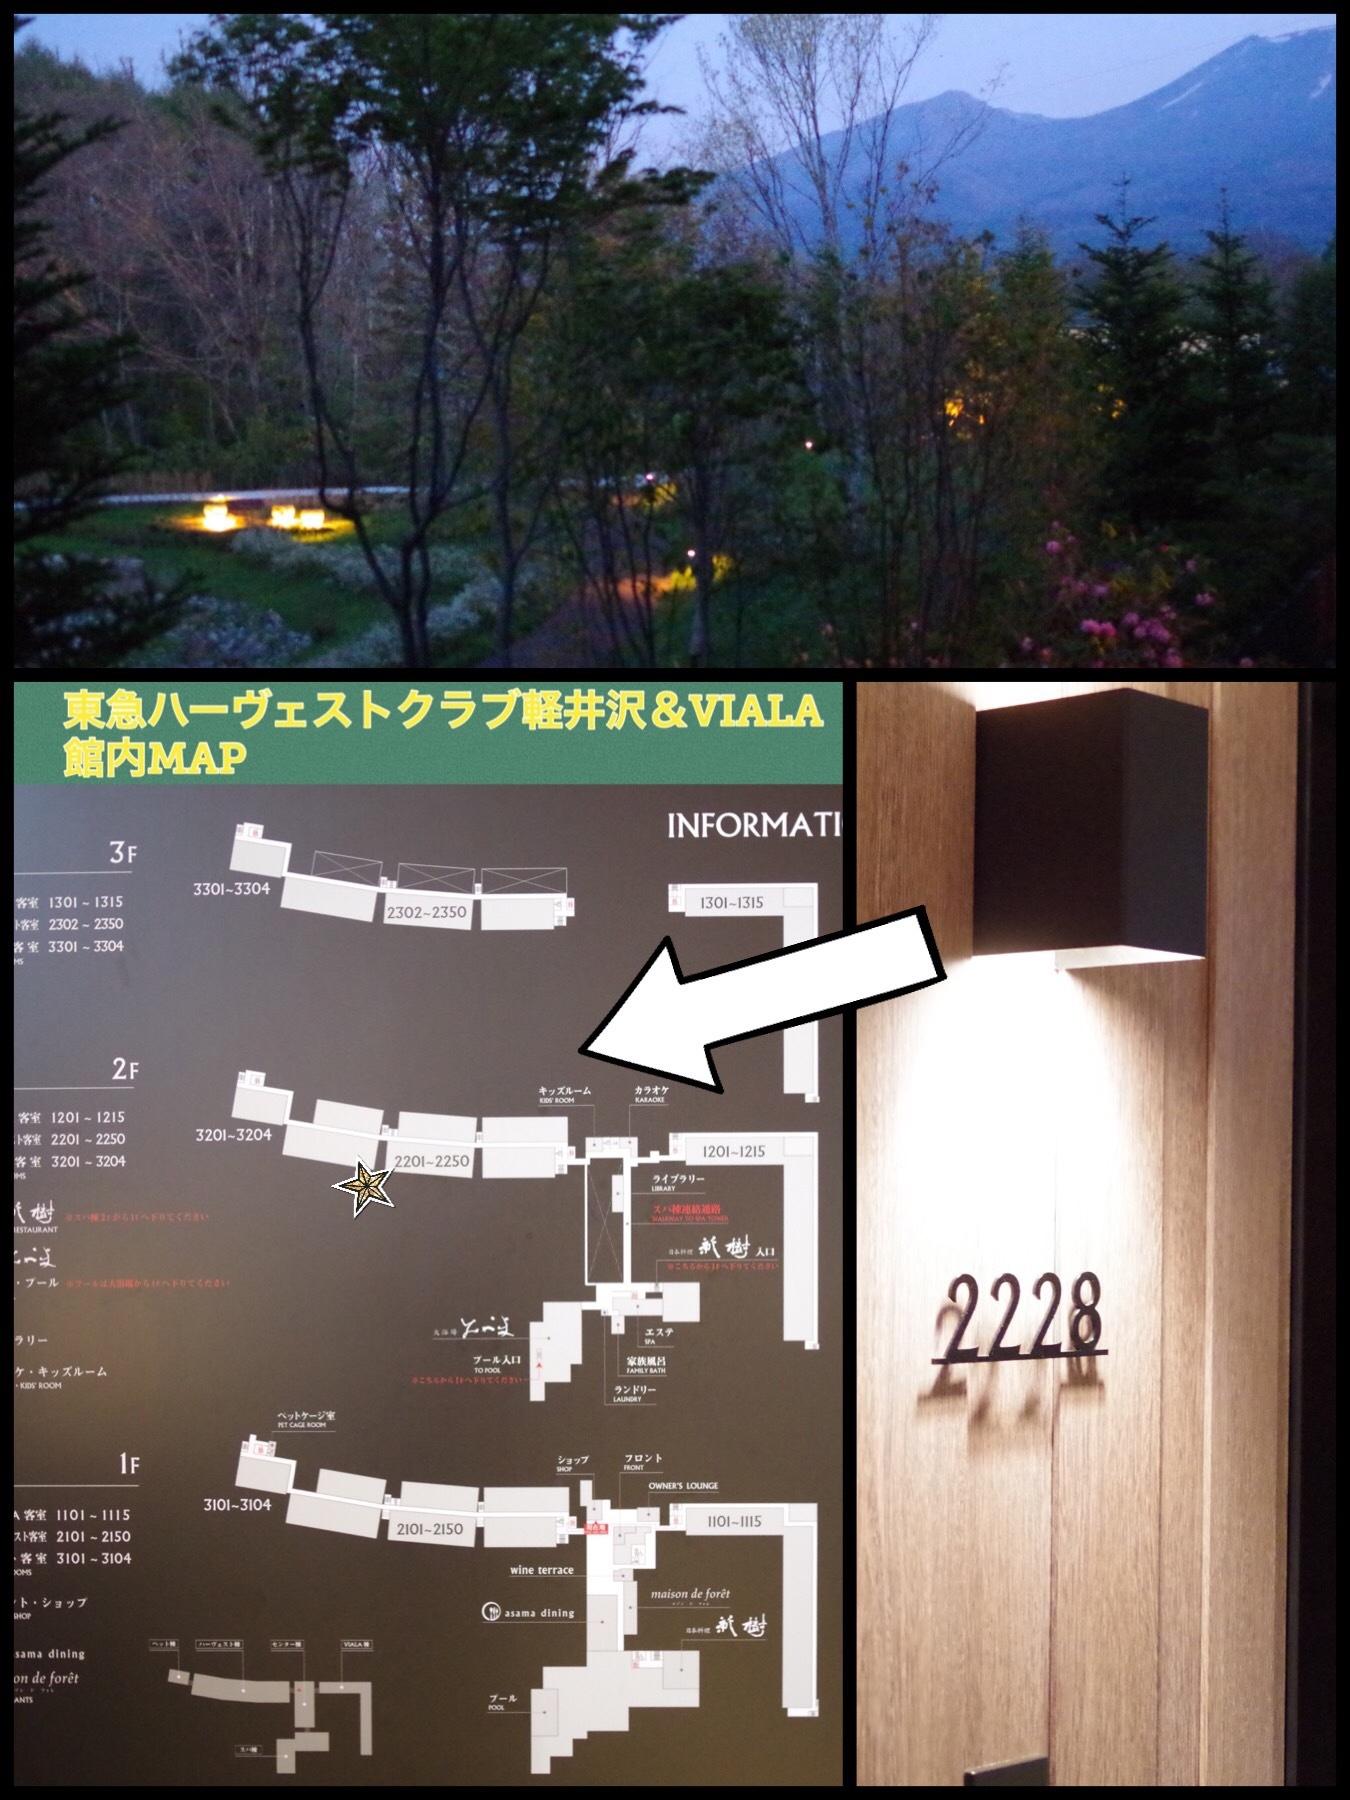 東急ハーヴェストクラブ軽井沢&VIALA スタンダード